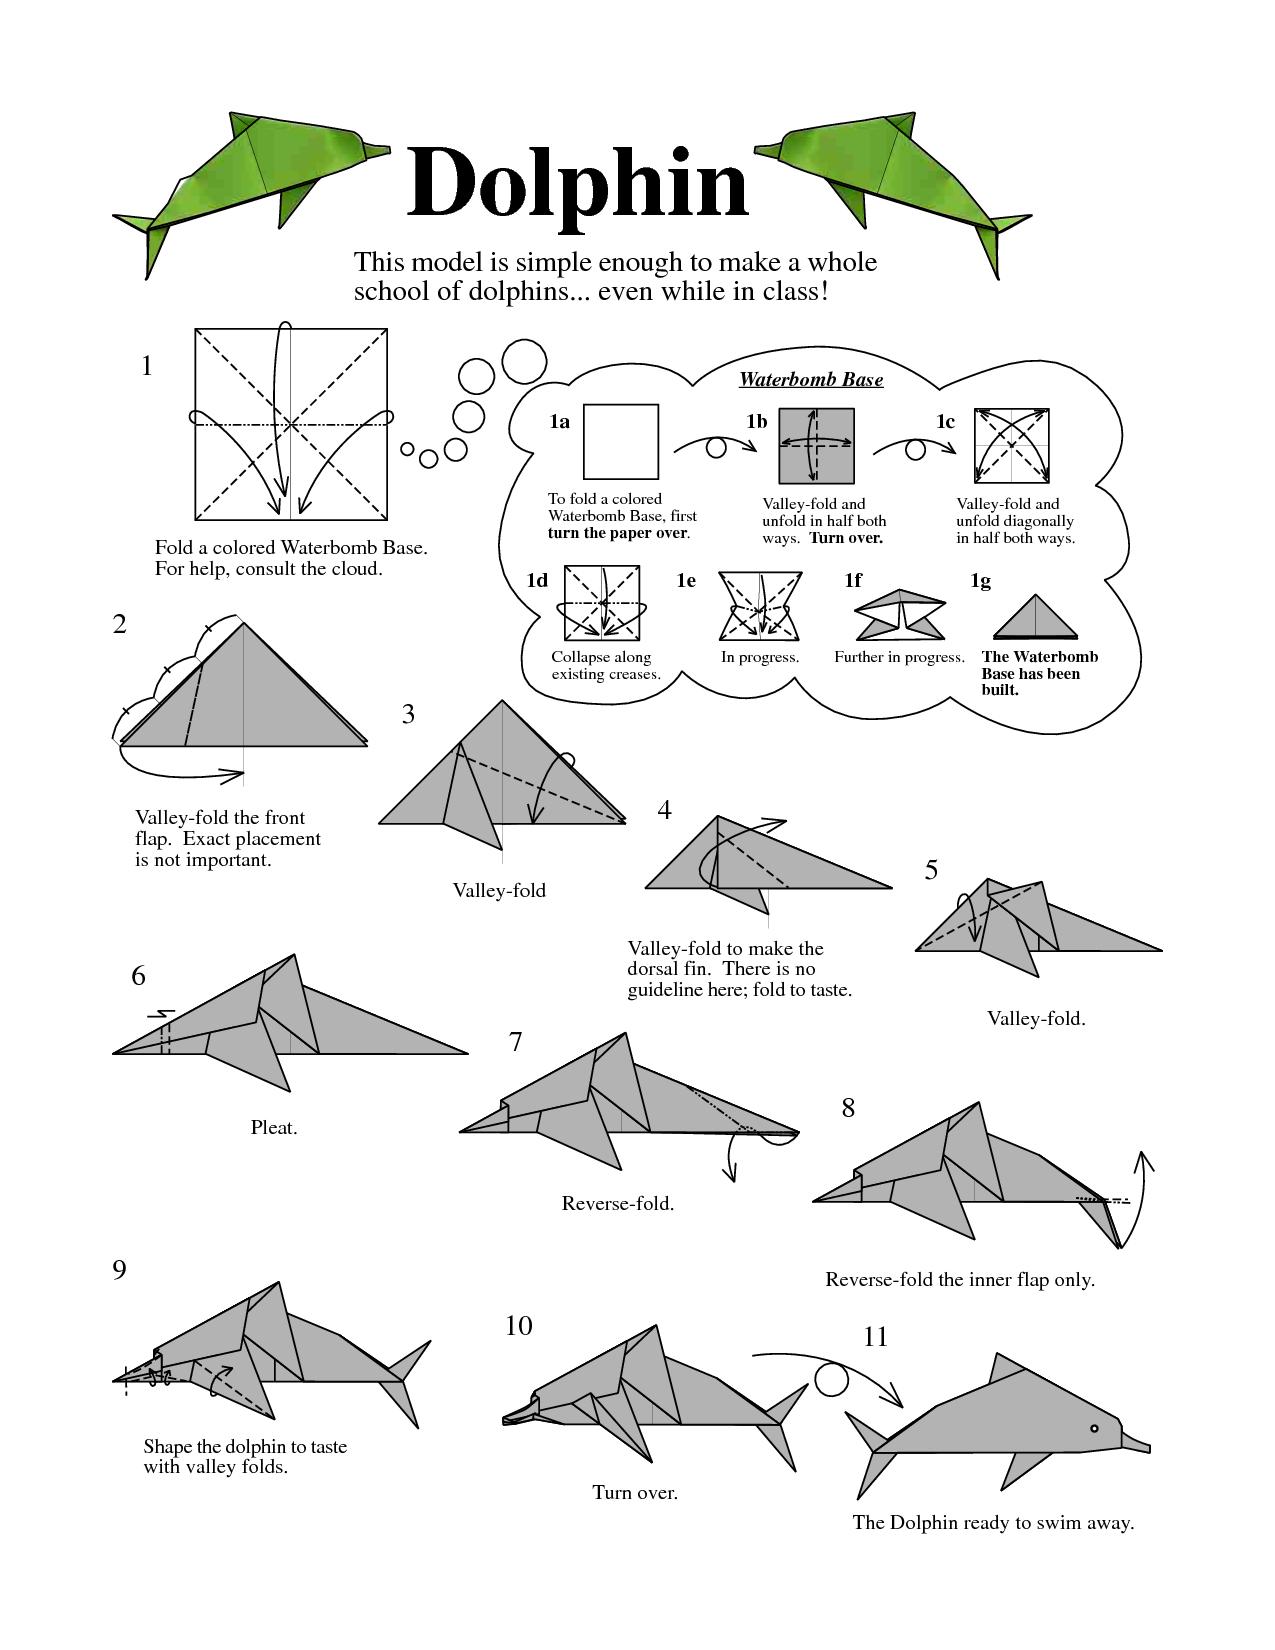 DOLPHIN origami. http://www.docstoc.com/docs/121212161